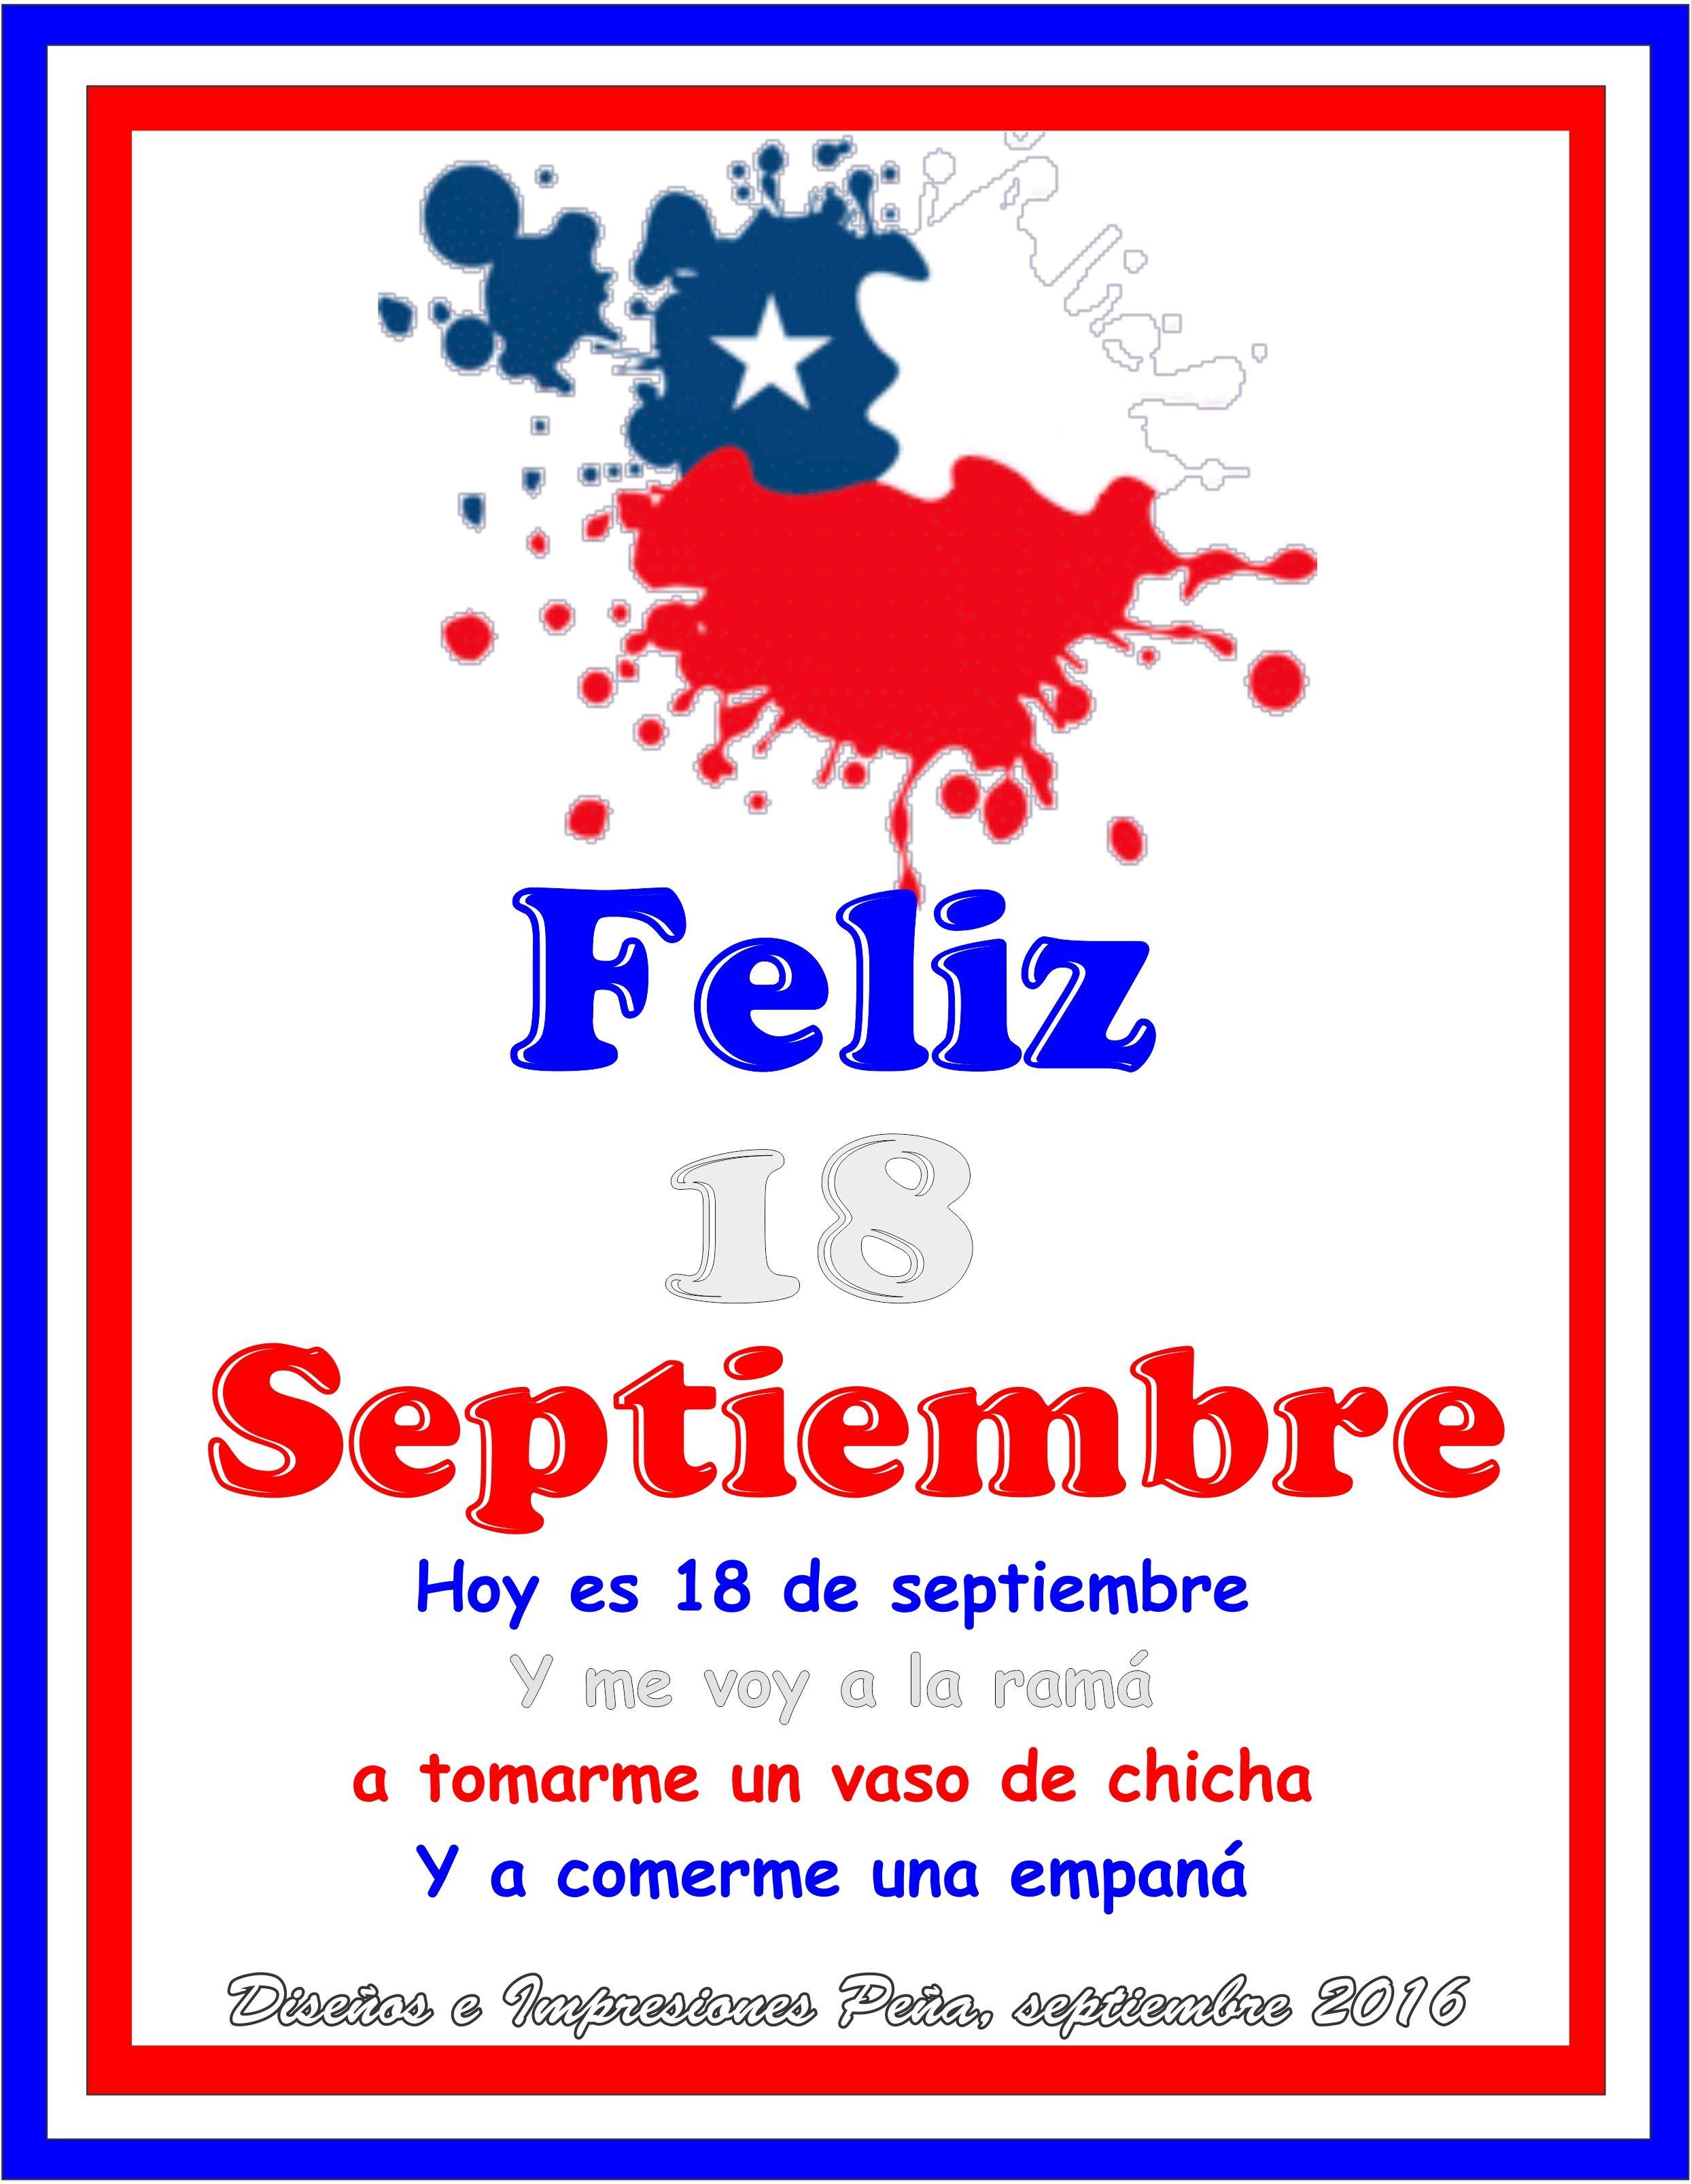 Celebración 18 De Septiembre Diseños E Impresiones Peña Dimpena Valparaiso Chile Invitaciones De Fiesta Disenos De Unas Invitaciones